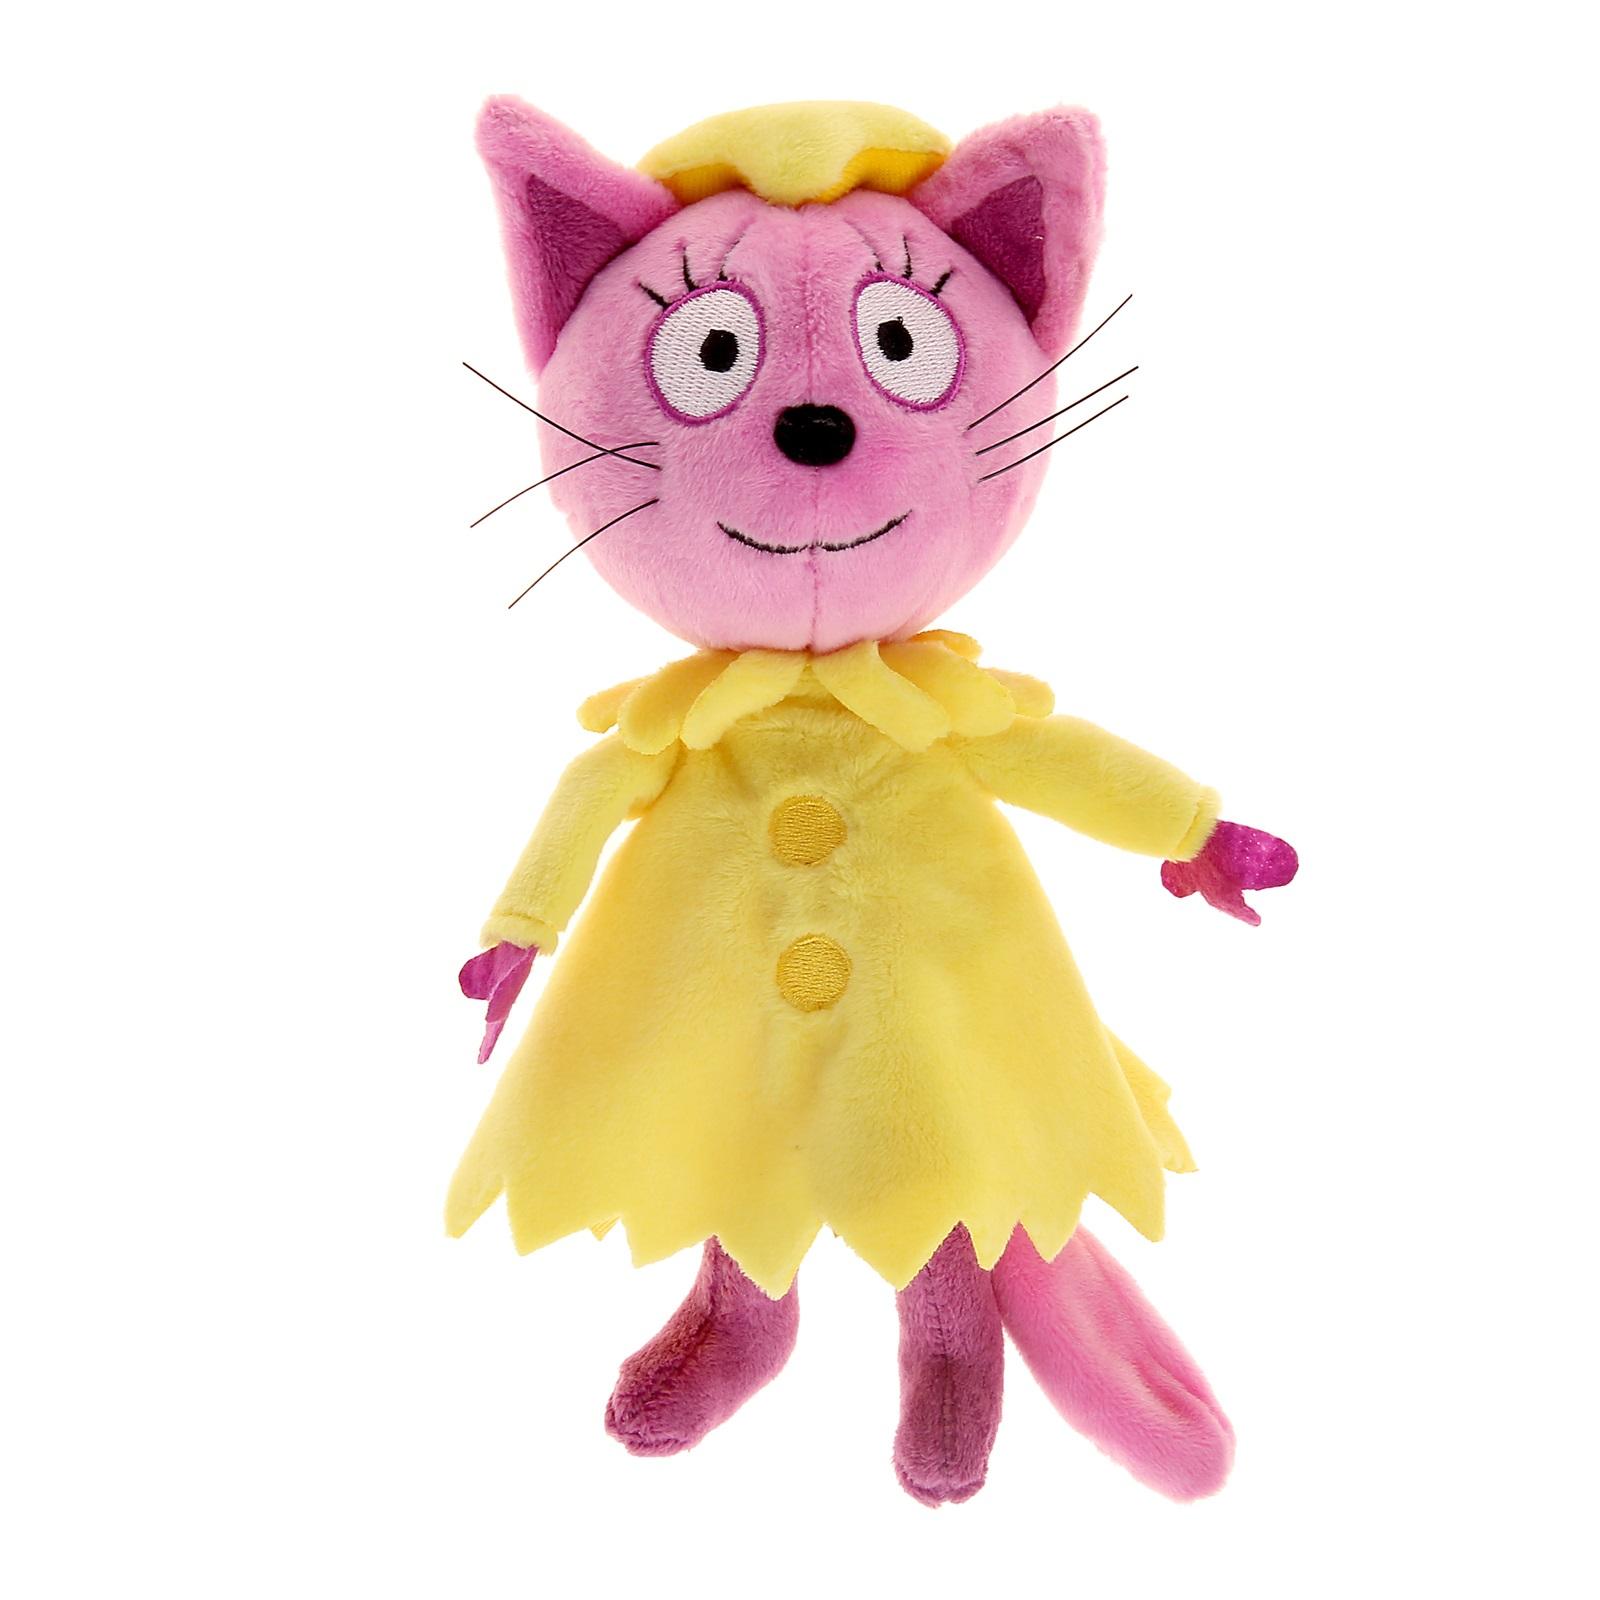 Купить Мягкая игрушка без чипа – Лапочка из серии Три Кота, 13 см., Мульти-Пульти